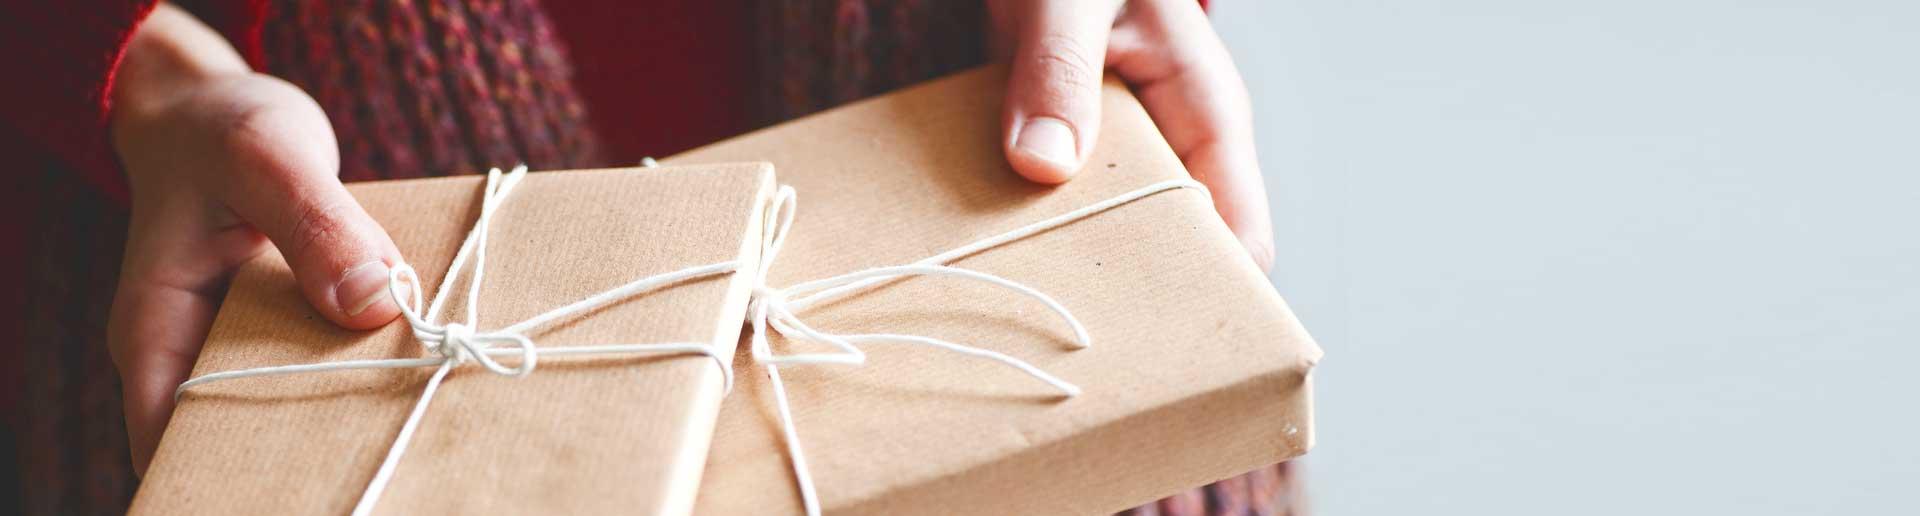 weihnachtsgeschenke f r kunden und gesch ftspartner. Black Bedroom Furniture Sets. Home Design Ideas